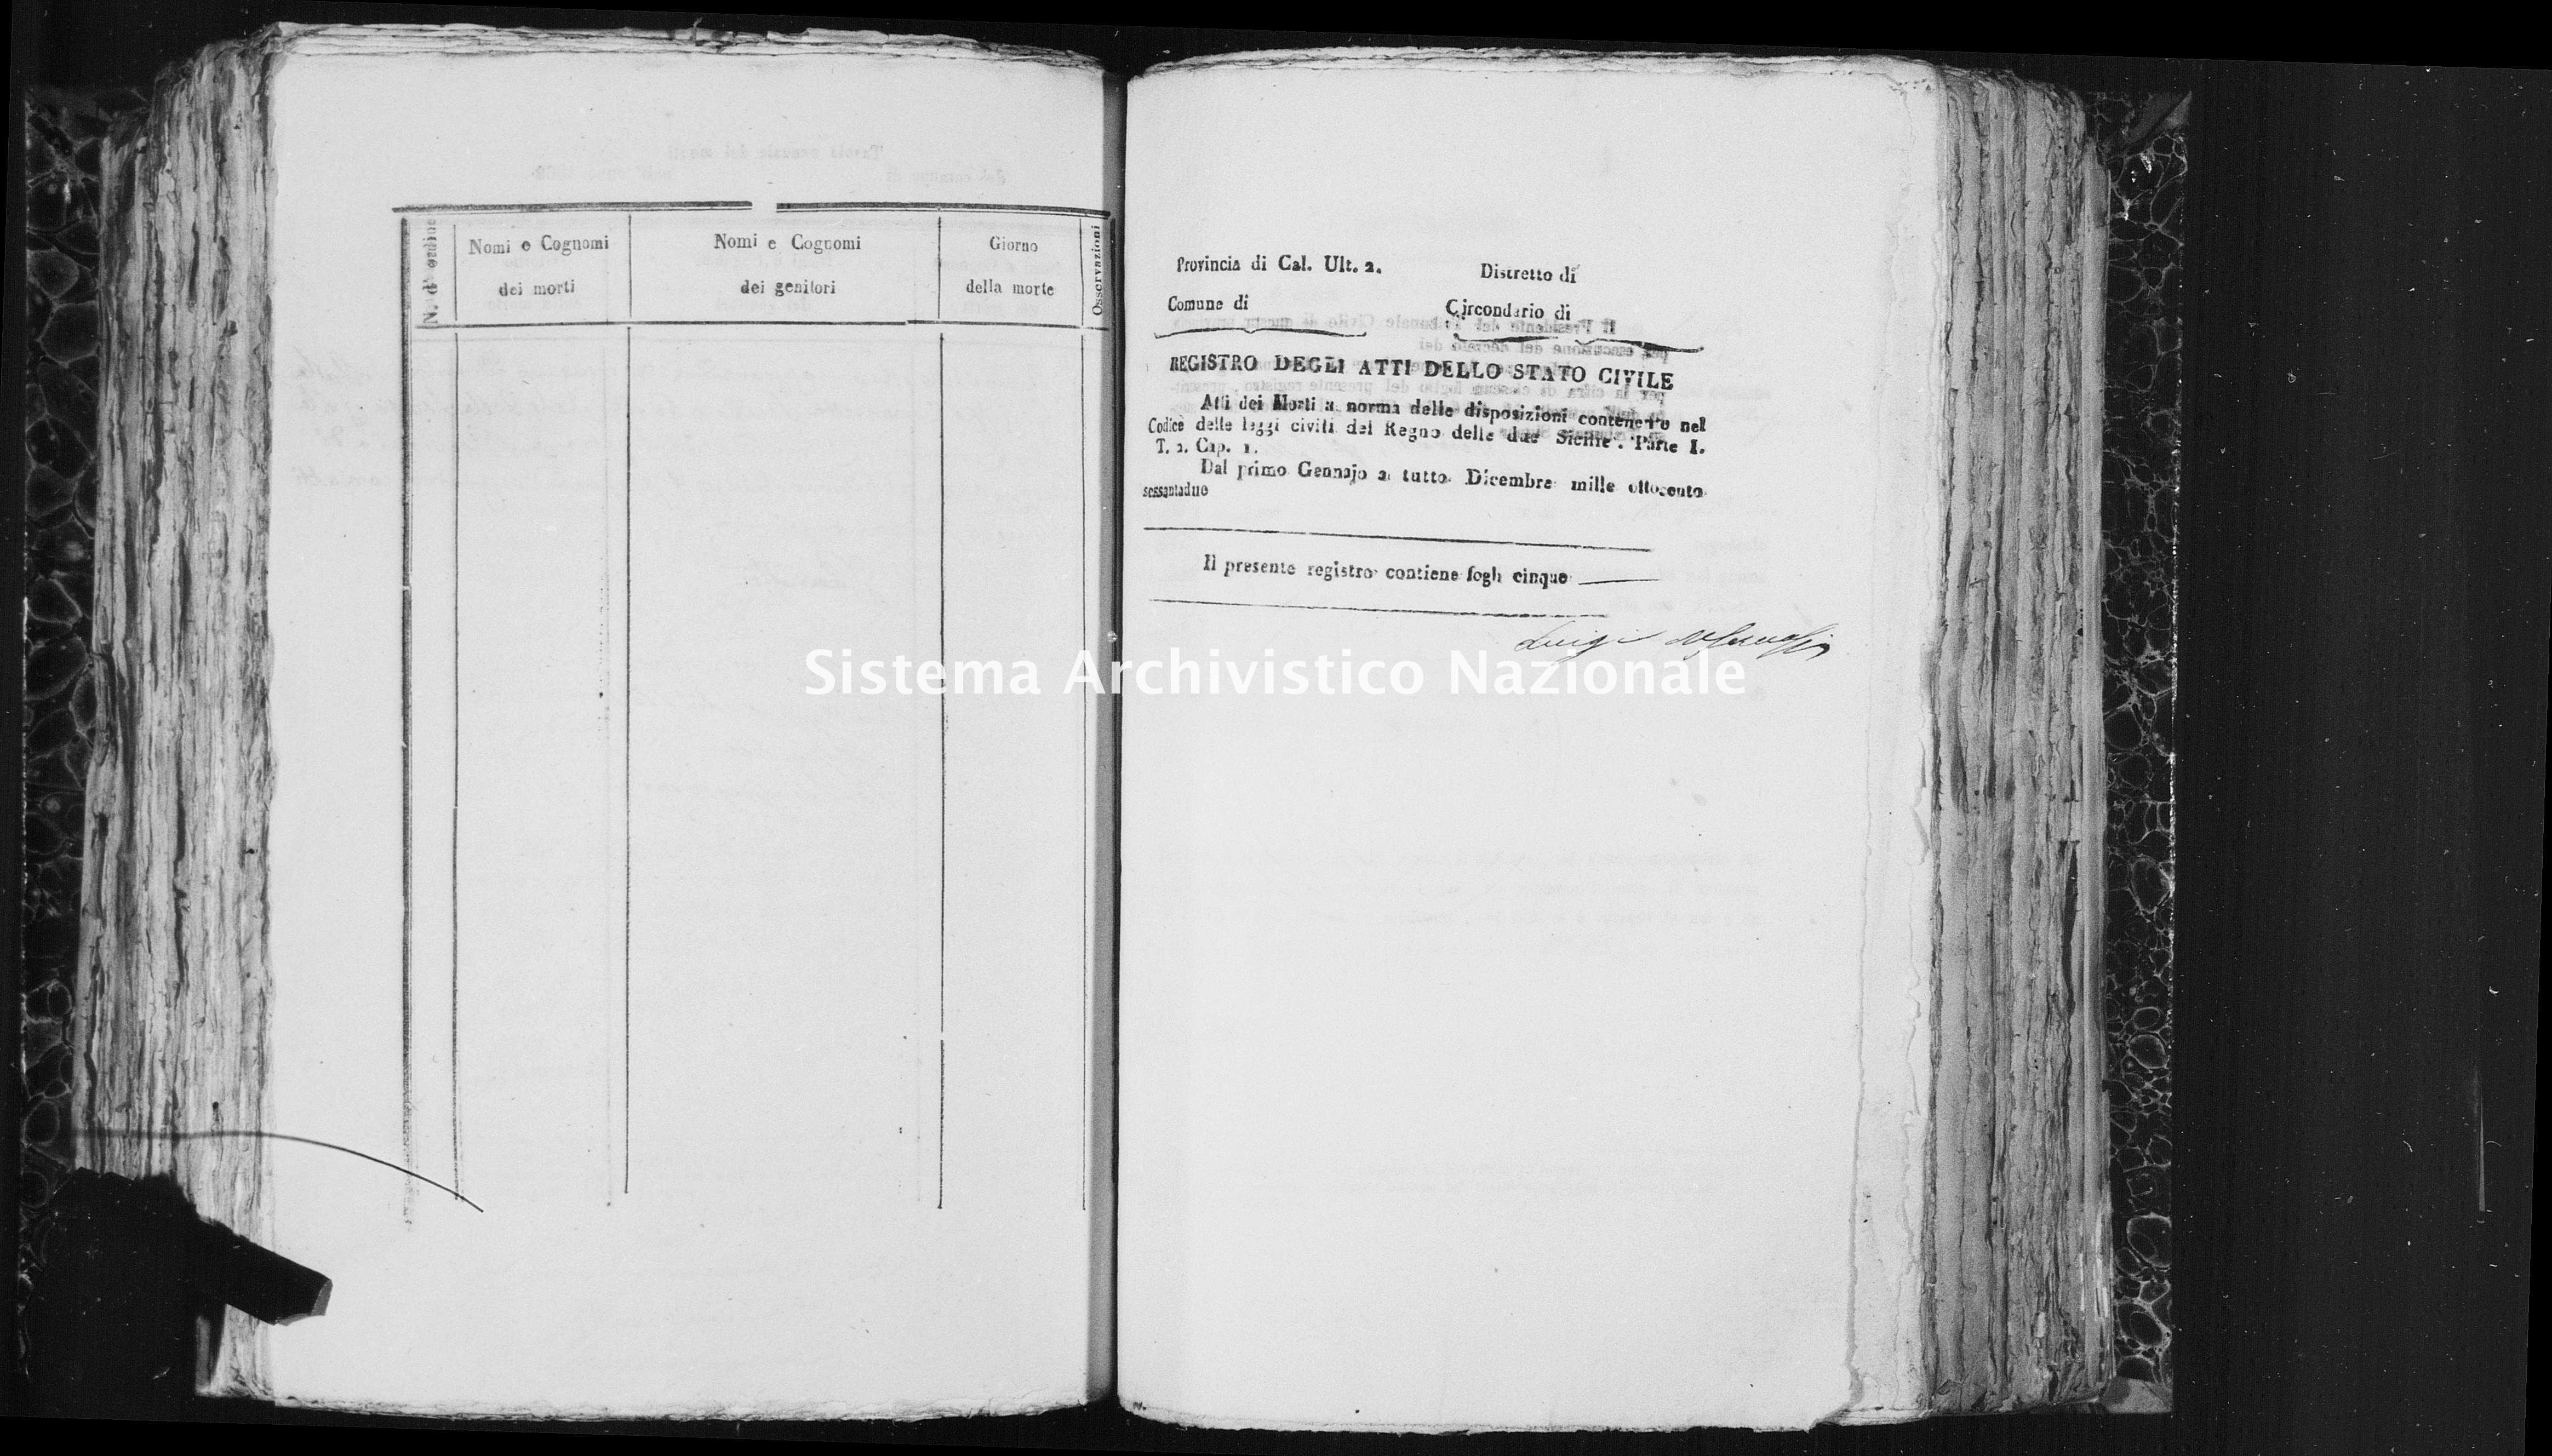 Archivio di stato di Catanzaro - Stato civile italiano - Isola Capo Rizzuto - Morti - 03/07/1862-14/09/1862 - 1460 -